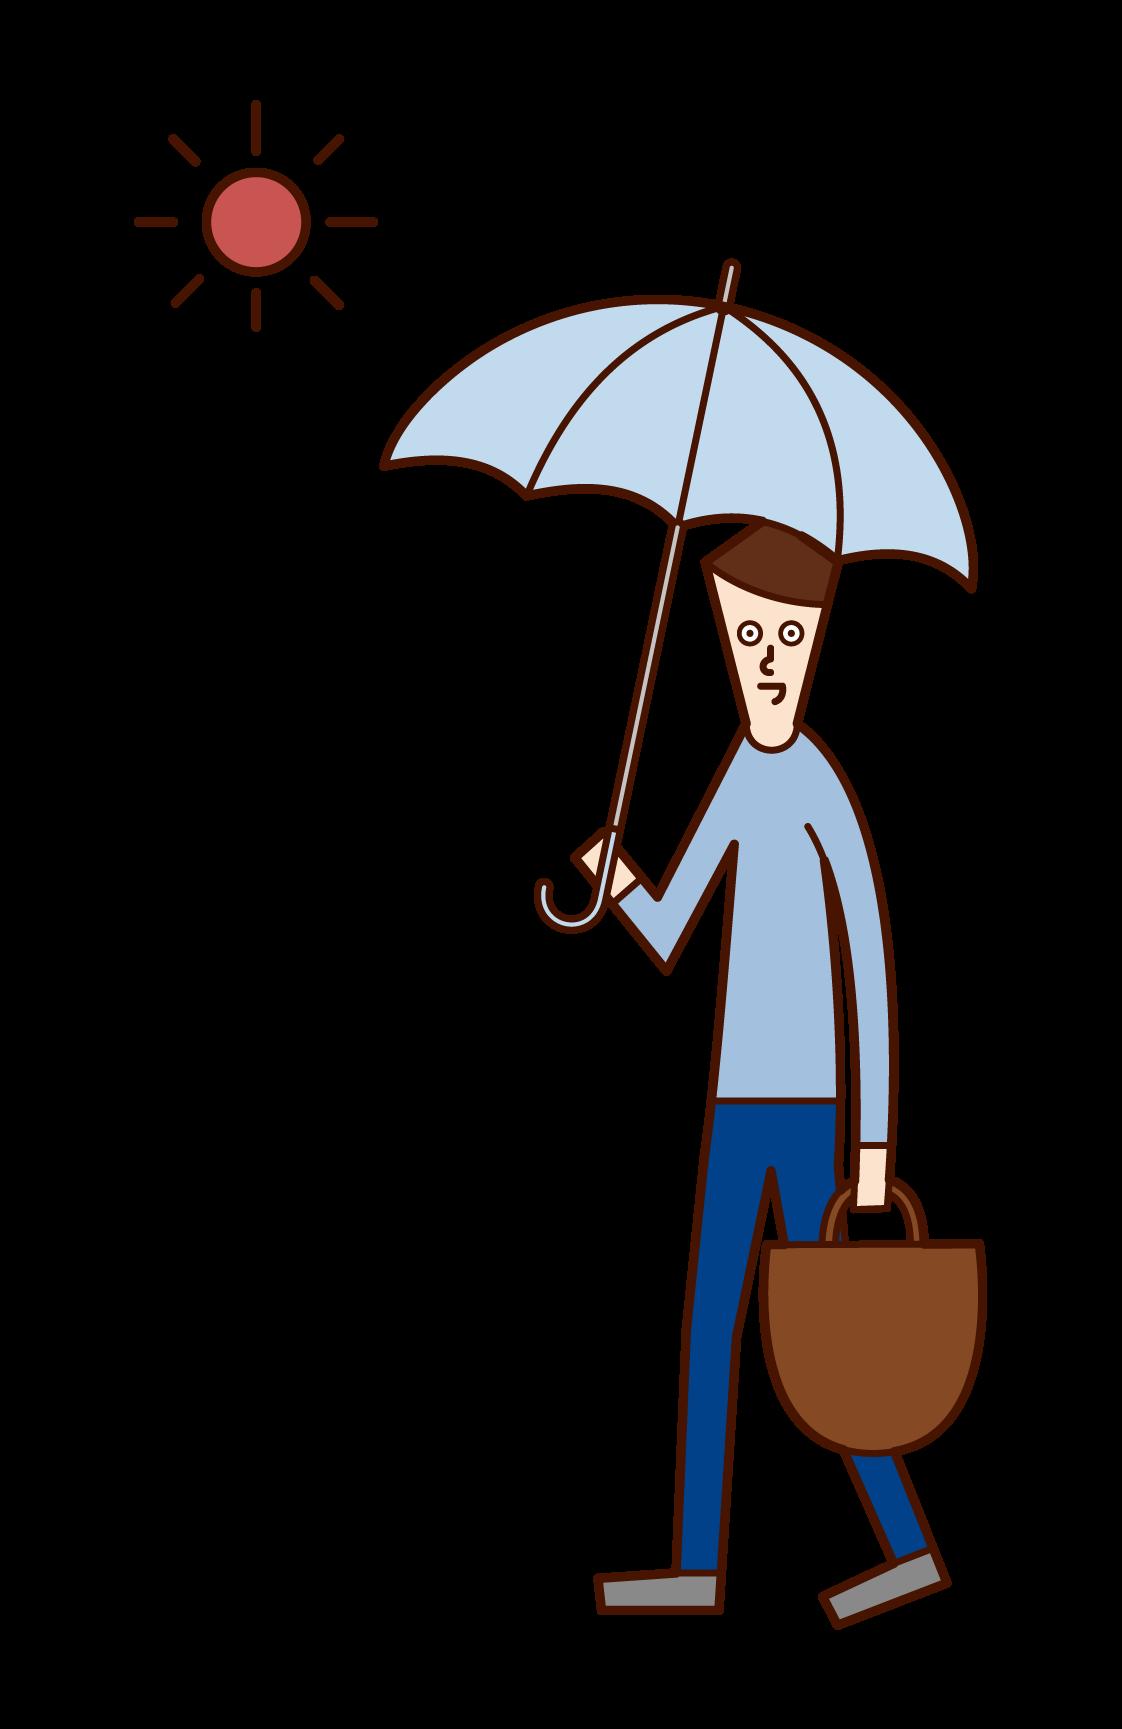 日傘をさして歩く人(男性)のイラスト